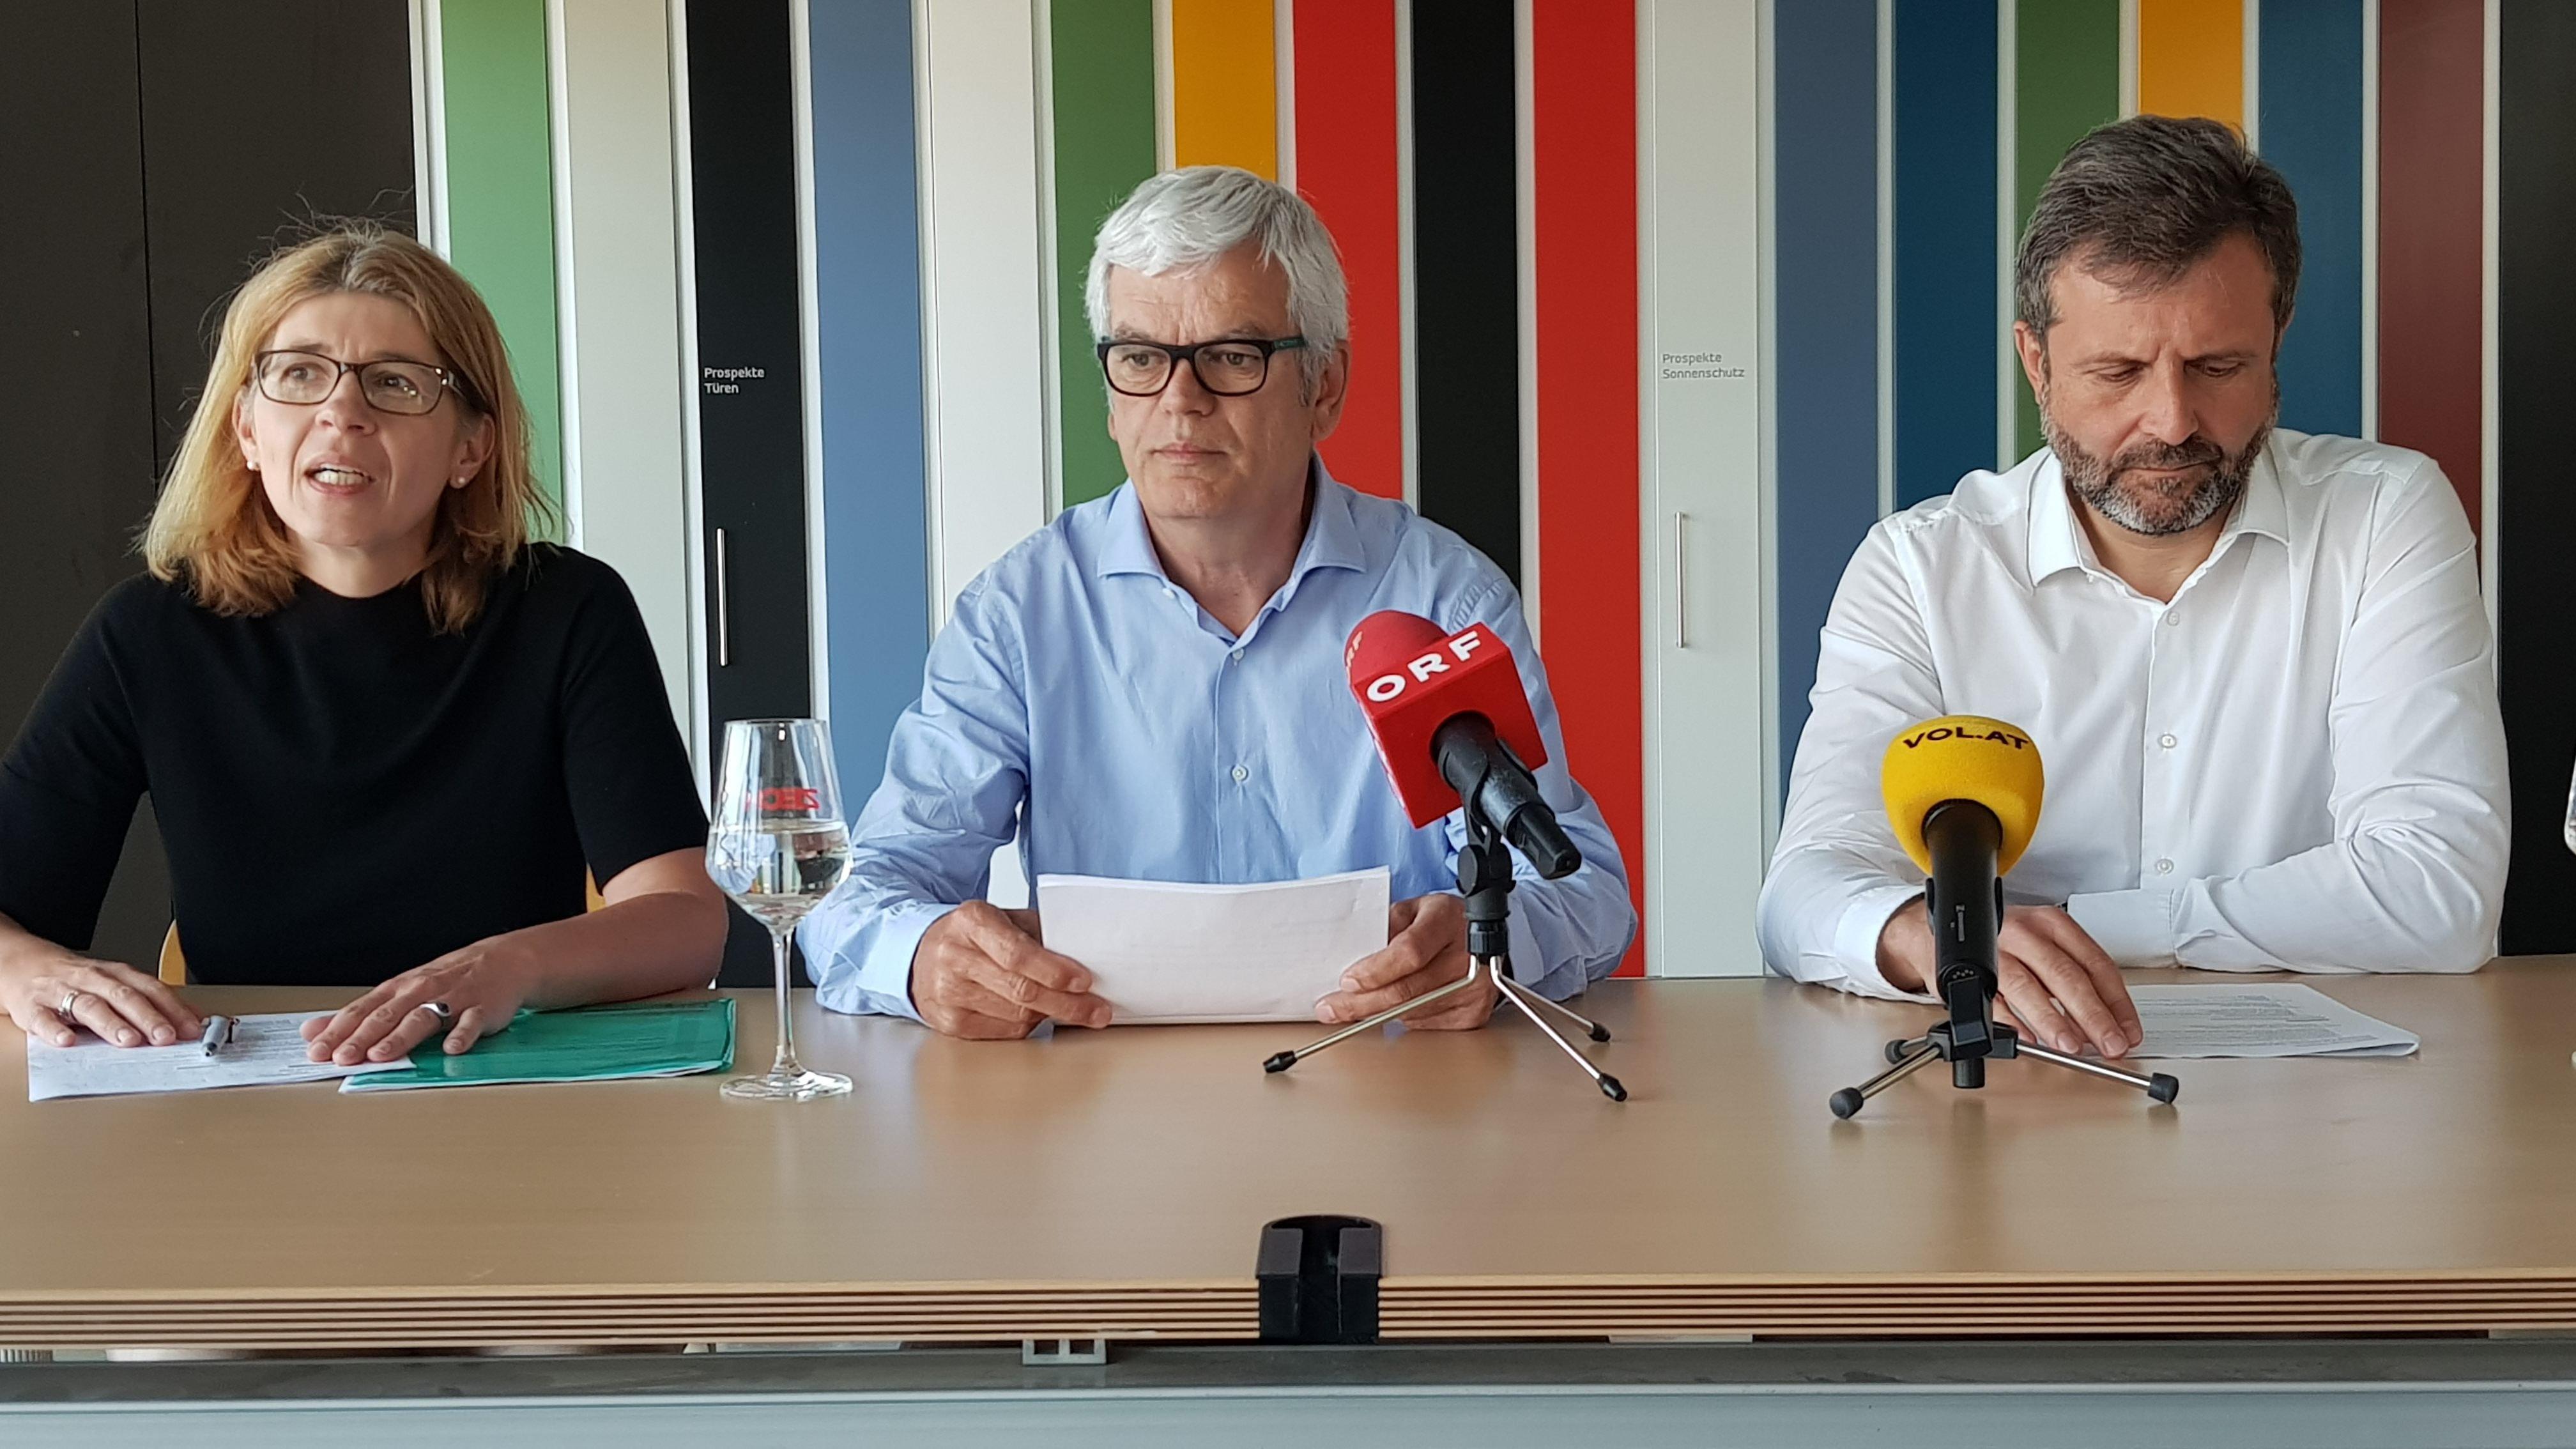 Vorarlberger zech gruppe steht vor umfassender - Mondkalender heute fenster putzen ...